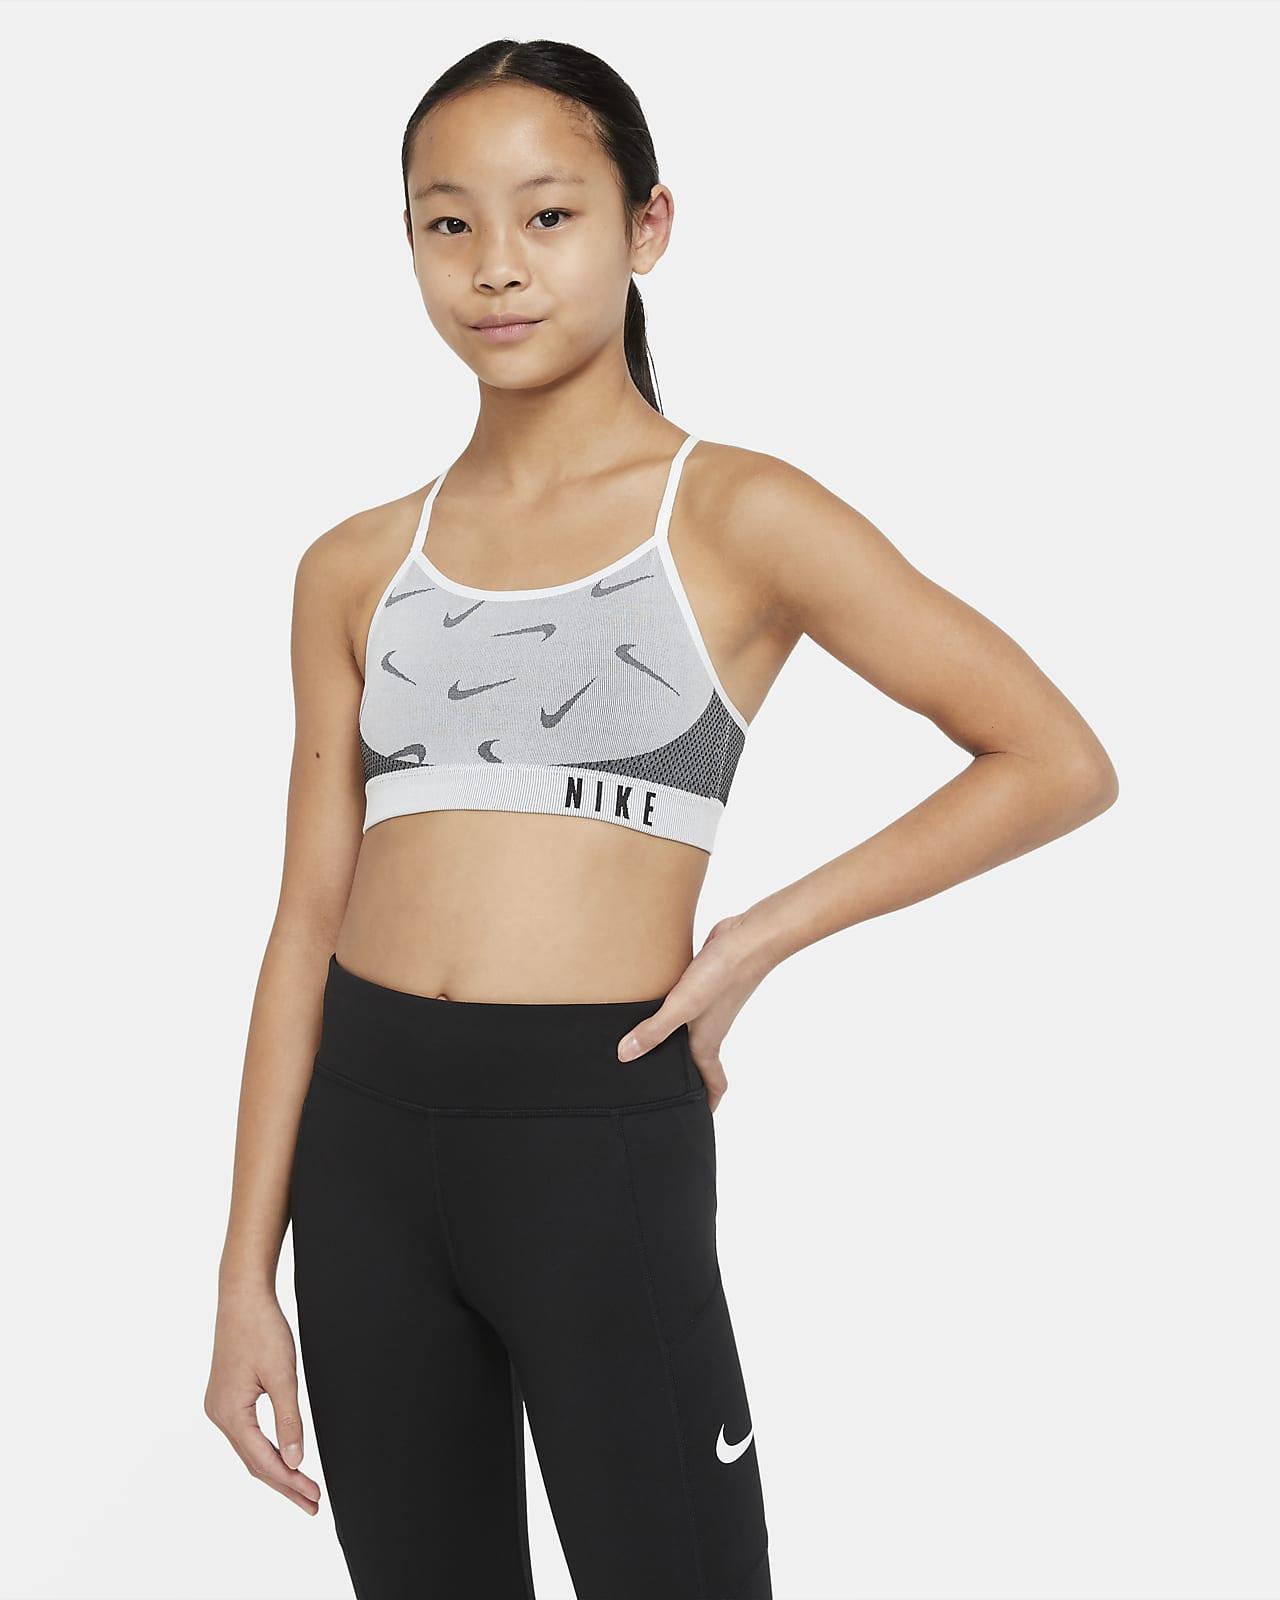 Sutiã de desporto Nike Indy Júnior (Rapariga)